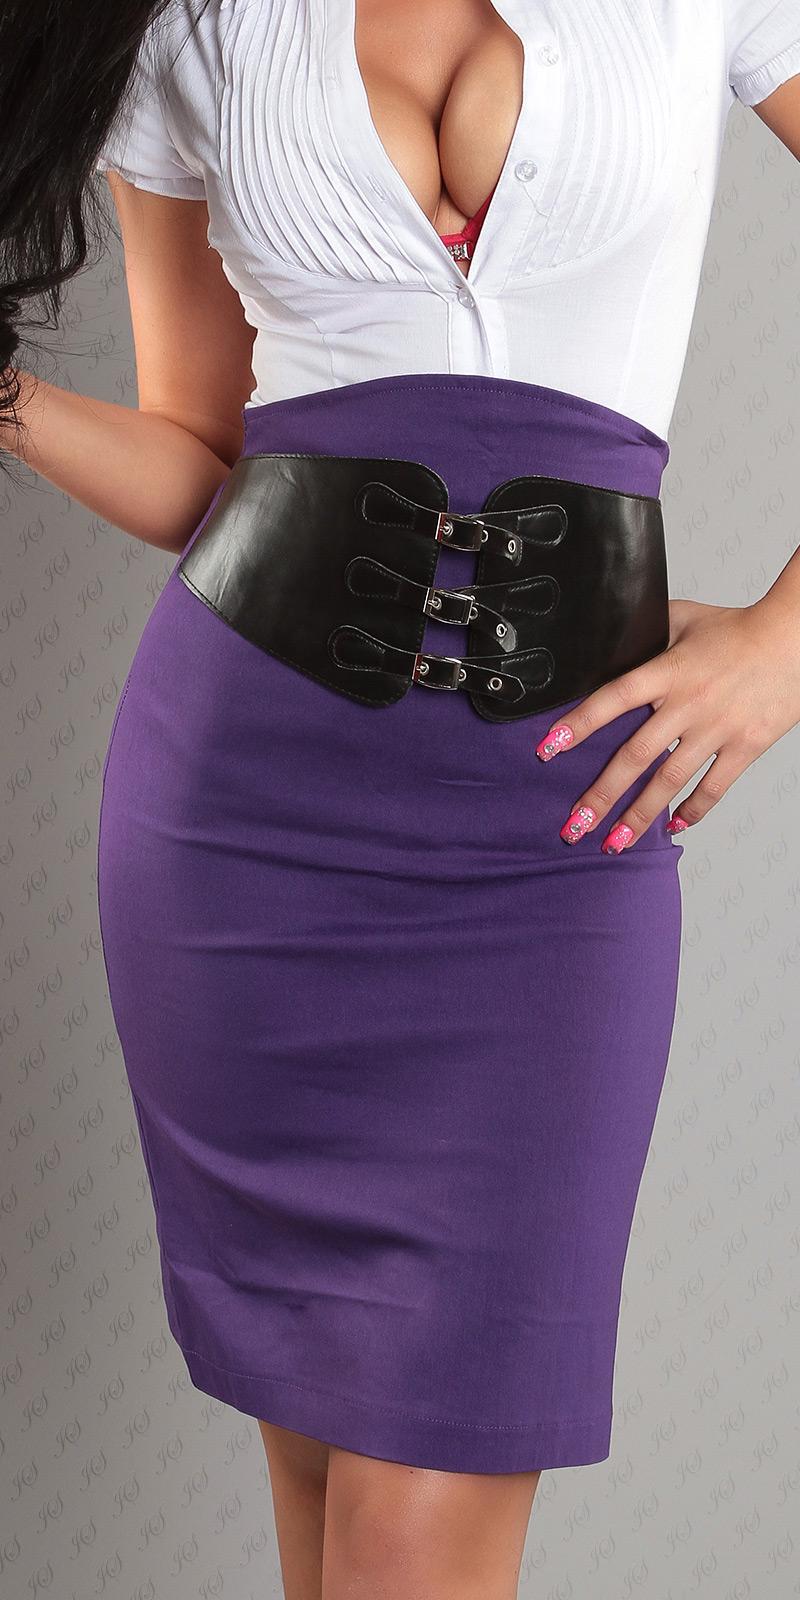 Koucla dámská elegantní sukně s opaskem 2056 fialová (Dámská sukně)